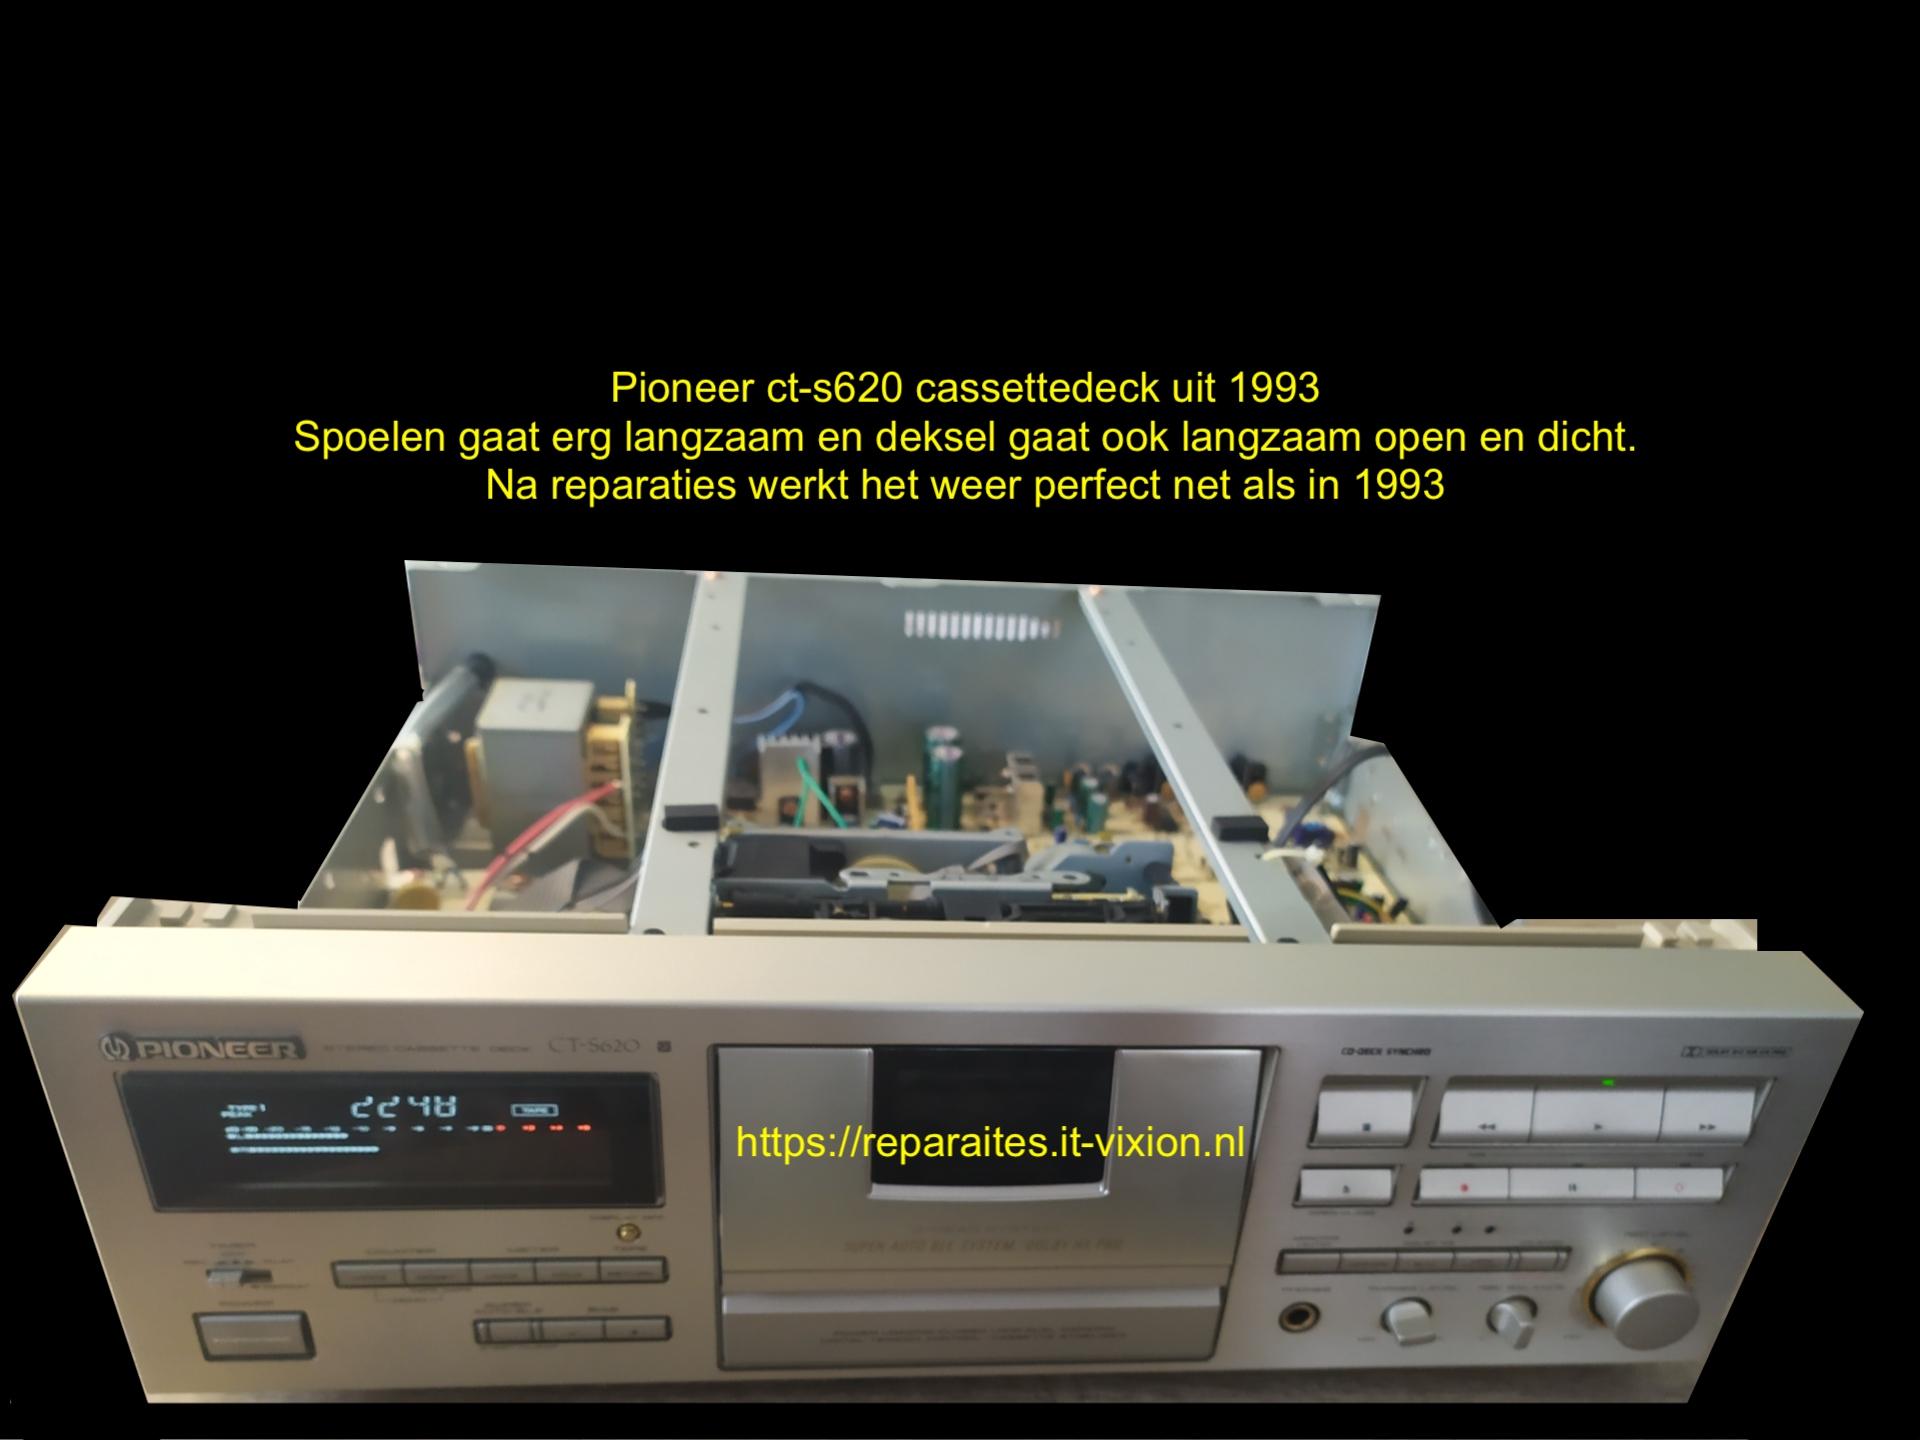 Pioneer ct-s620 cassettedeck uit 1993